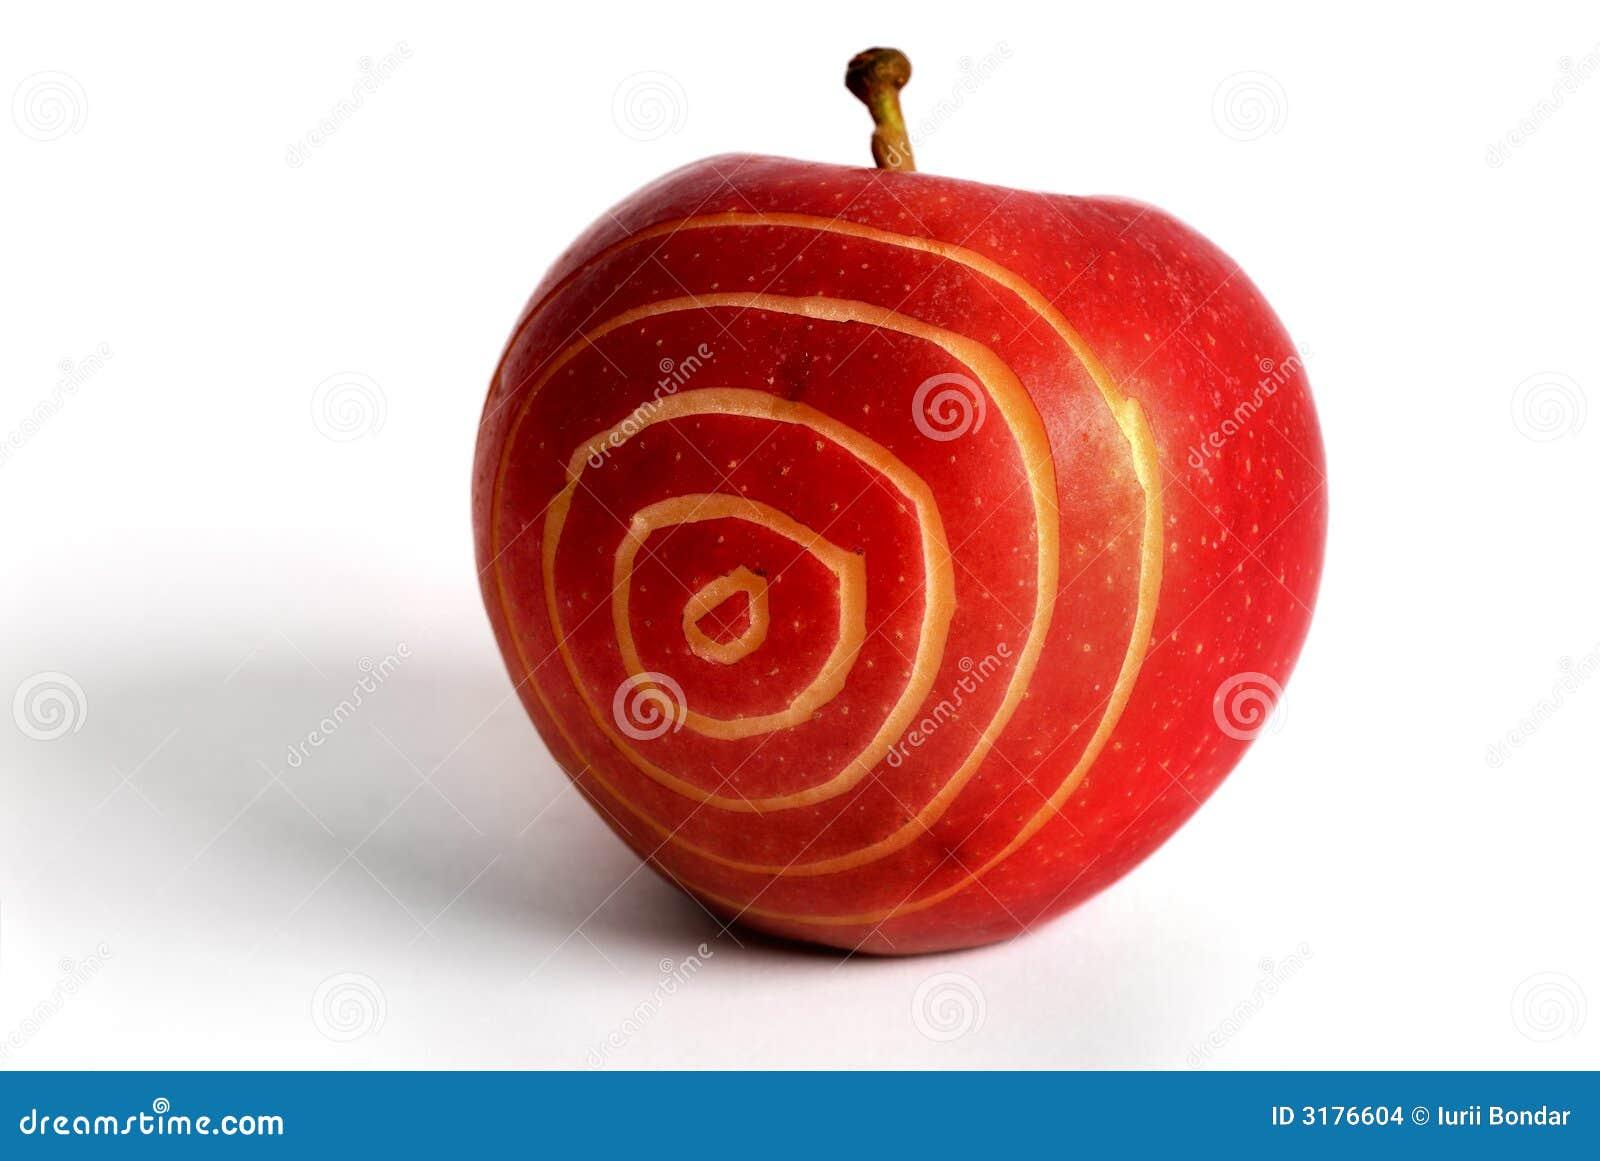 Apple-Ziel